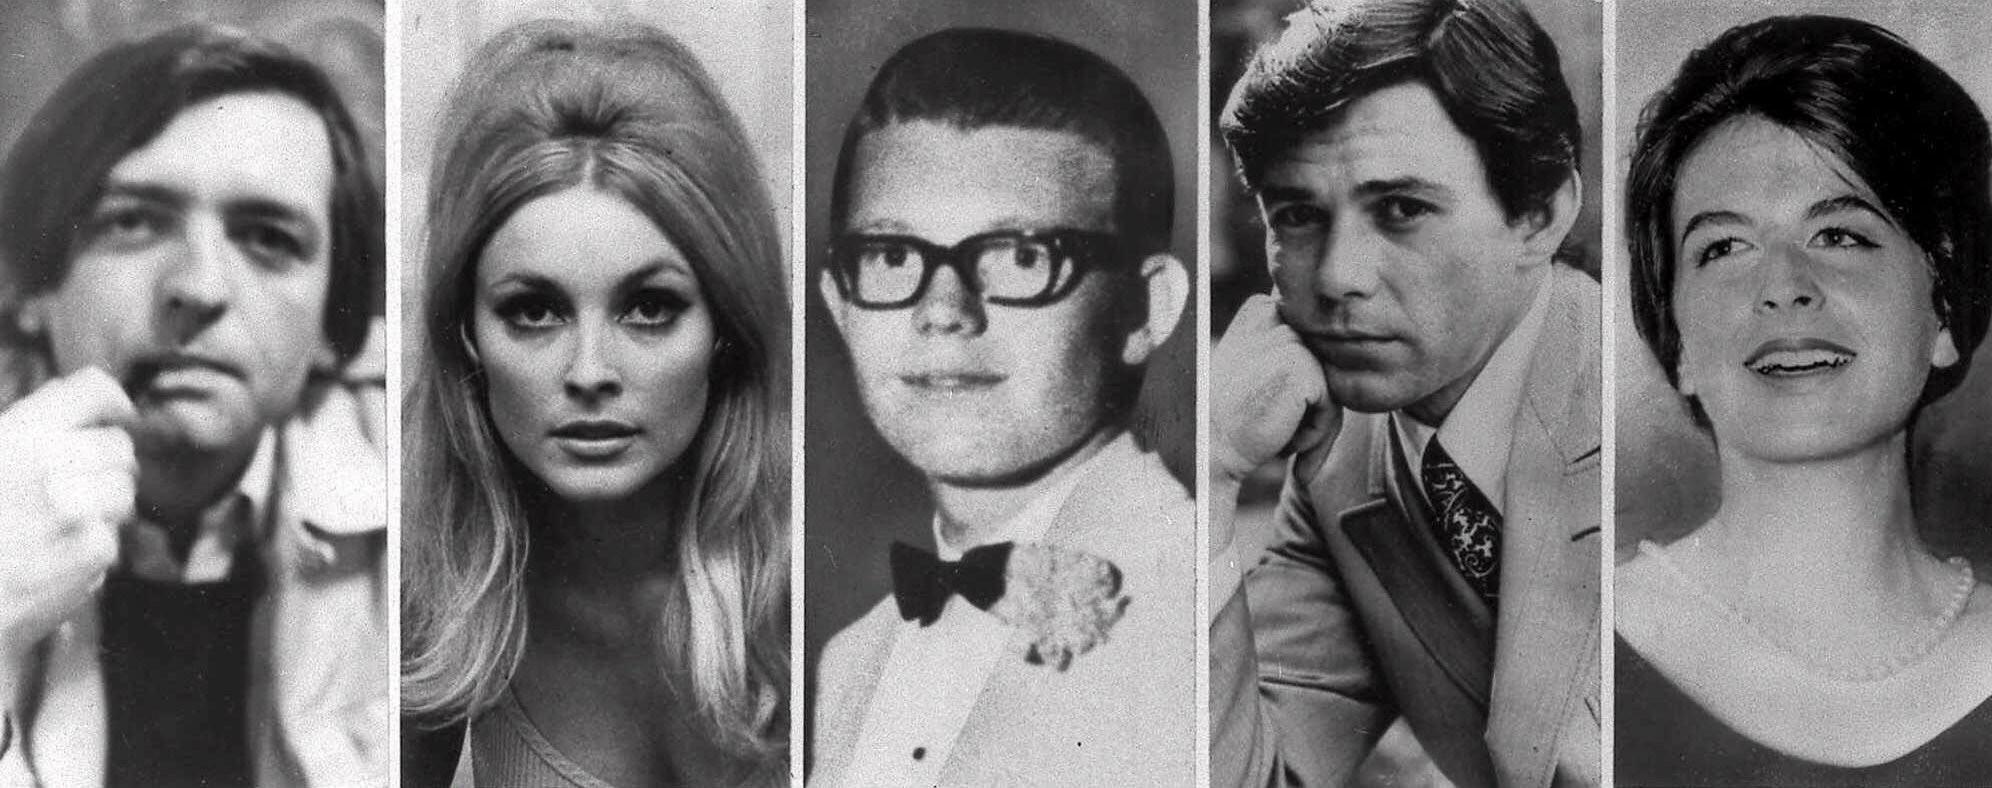 Pięć ofiar tragicznej nocy z 8 na 9 sierpnia 1969 r. Od lewej: Wojciech Frykowski, Sharon Tate, Steve Parent, Jay Sebring i Abigail Folger (fot. Eeastnews)